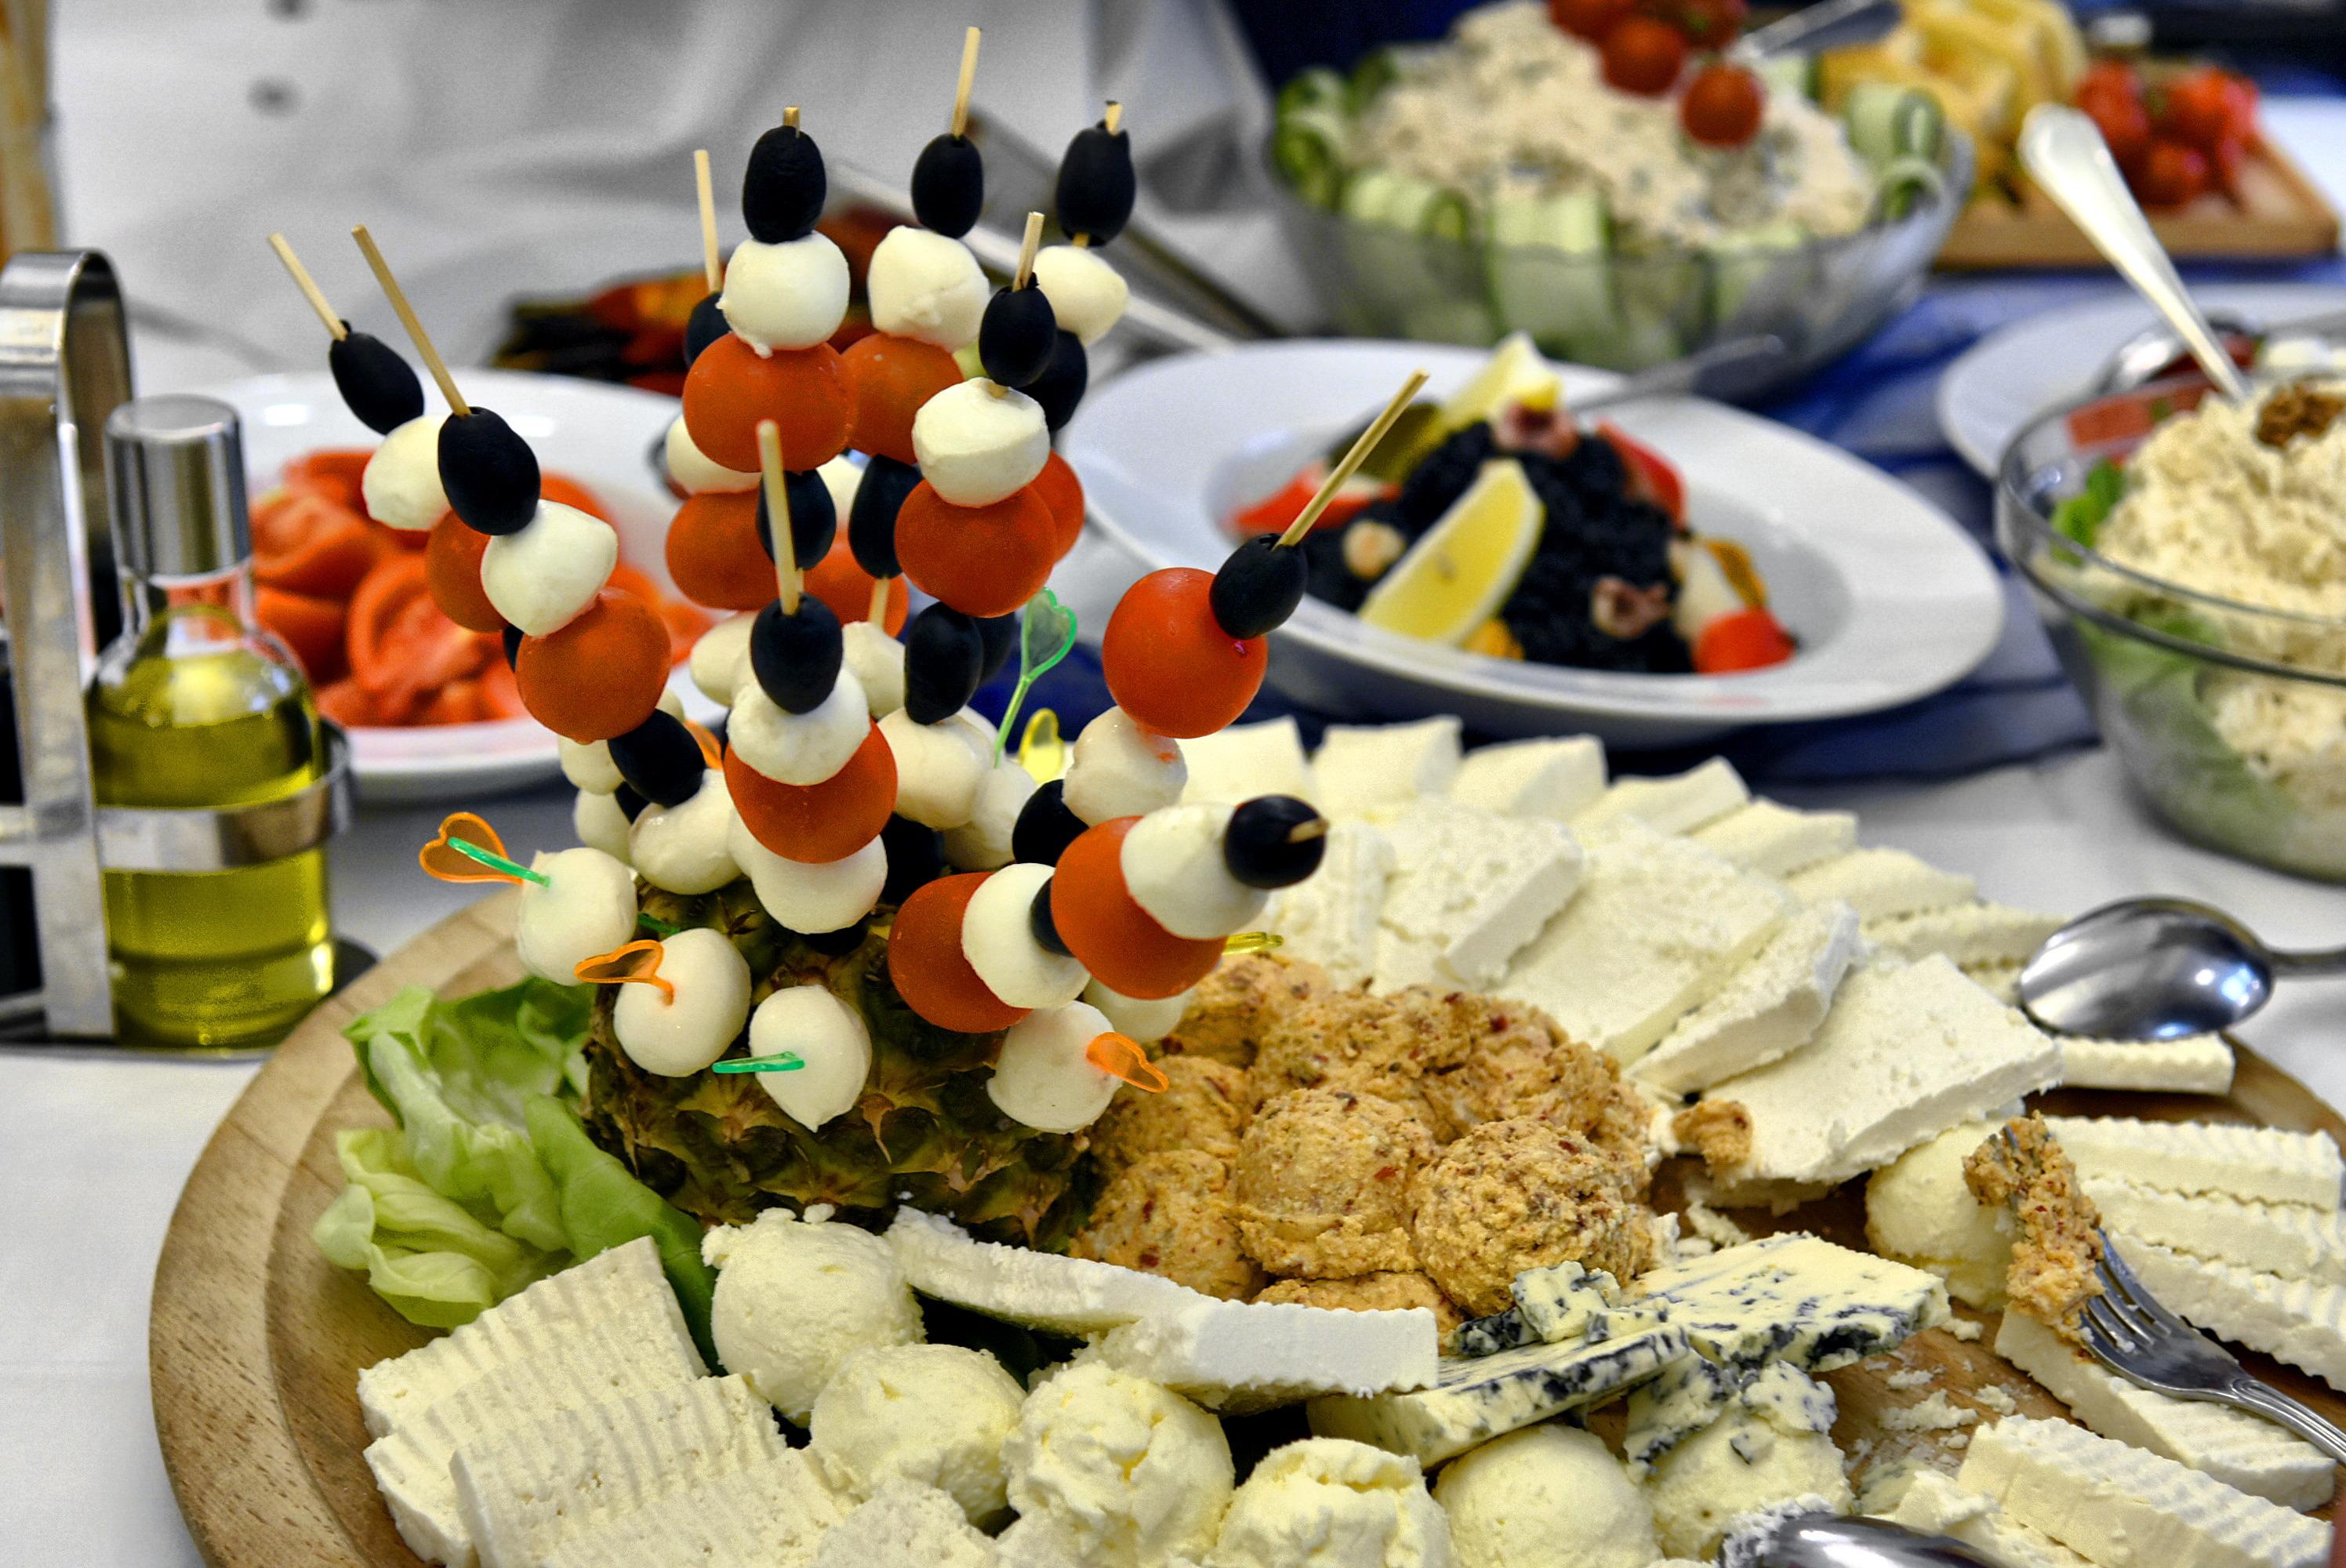 Hrana-dekoracije-2016-024